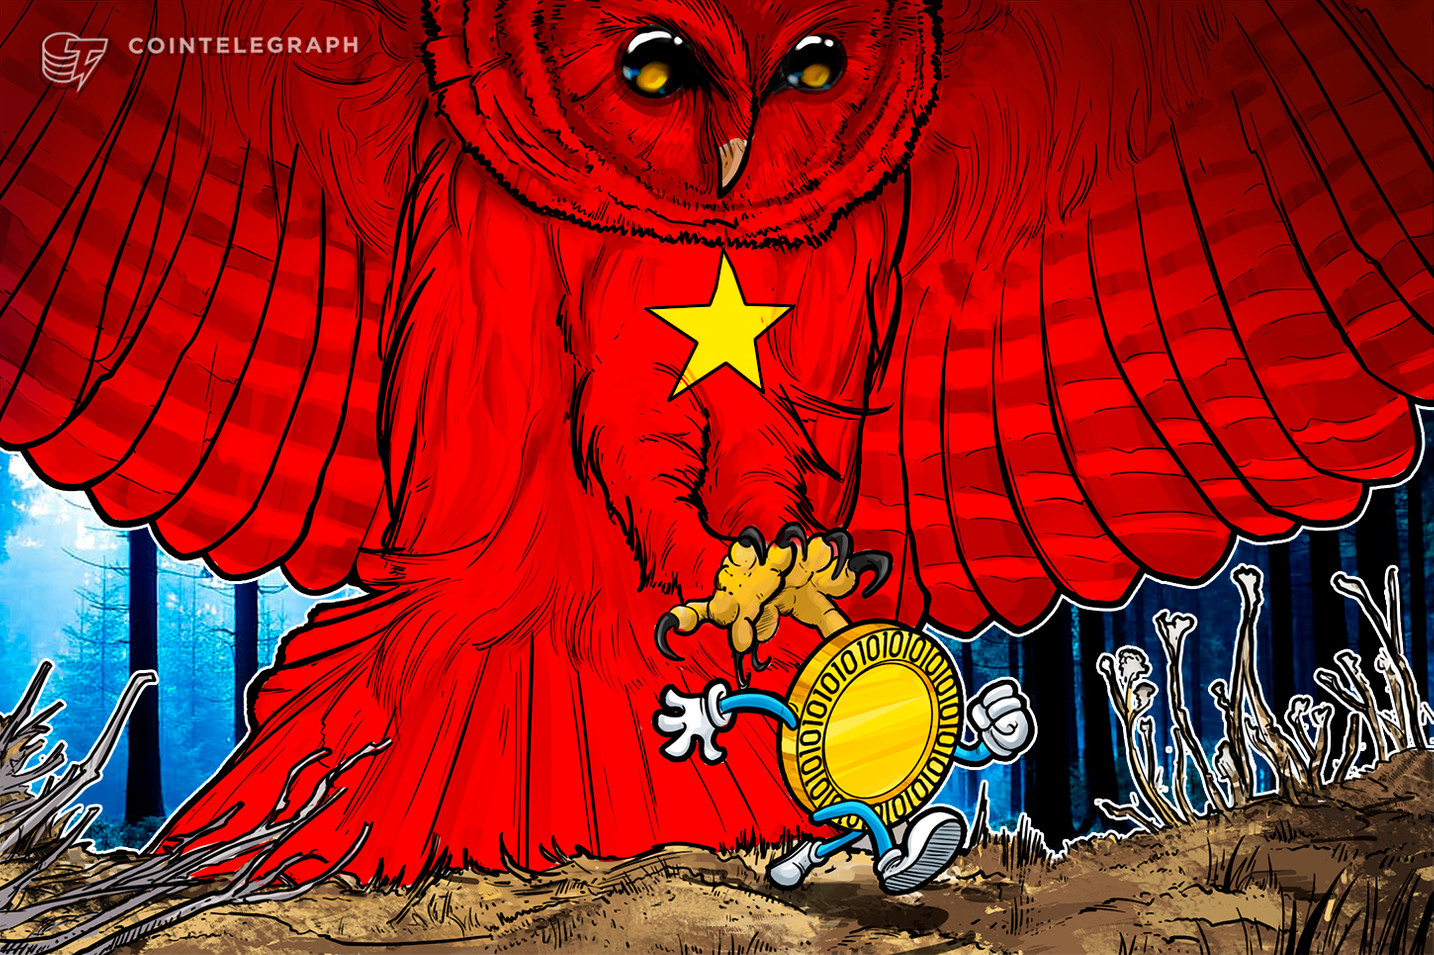 فيتنام تشدِّد التدابير على العملات الرقمية وسط اشتباه في أكبر حالة احتيال في تاريخ الصناعة